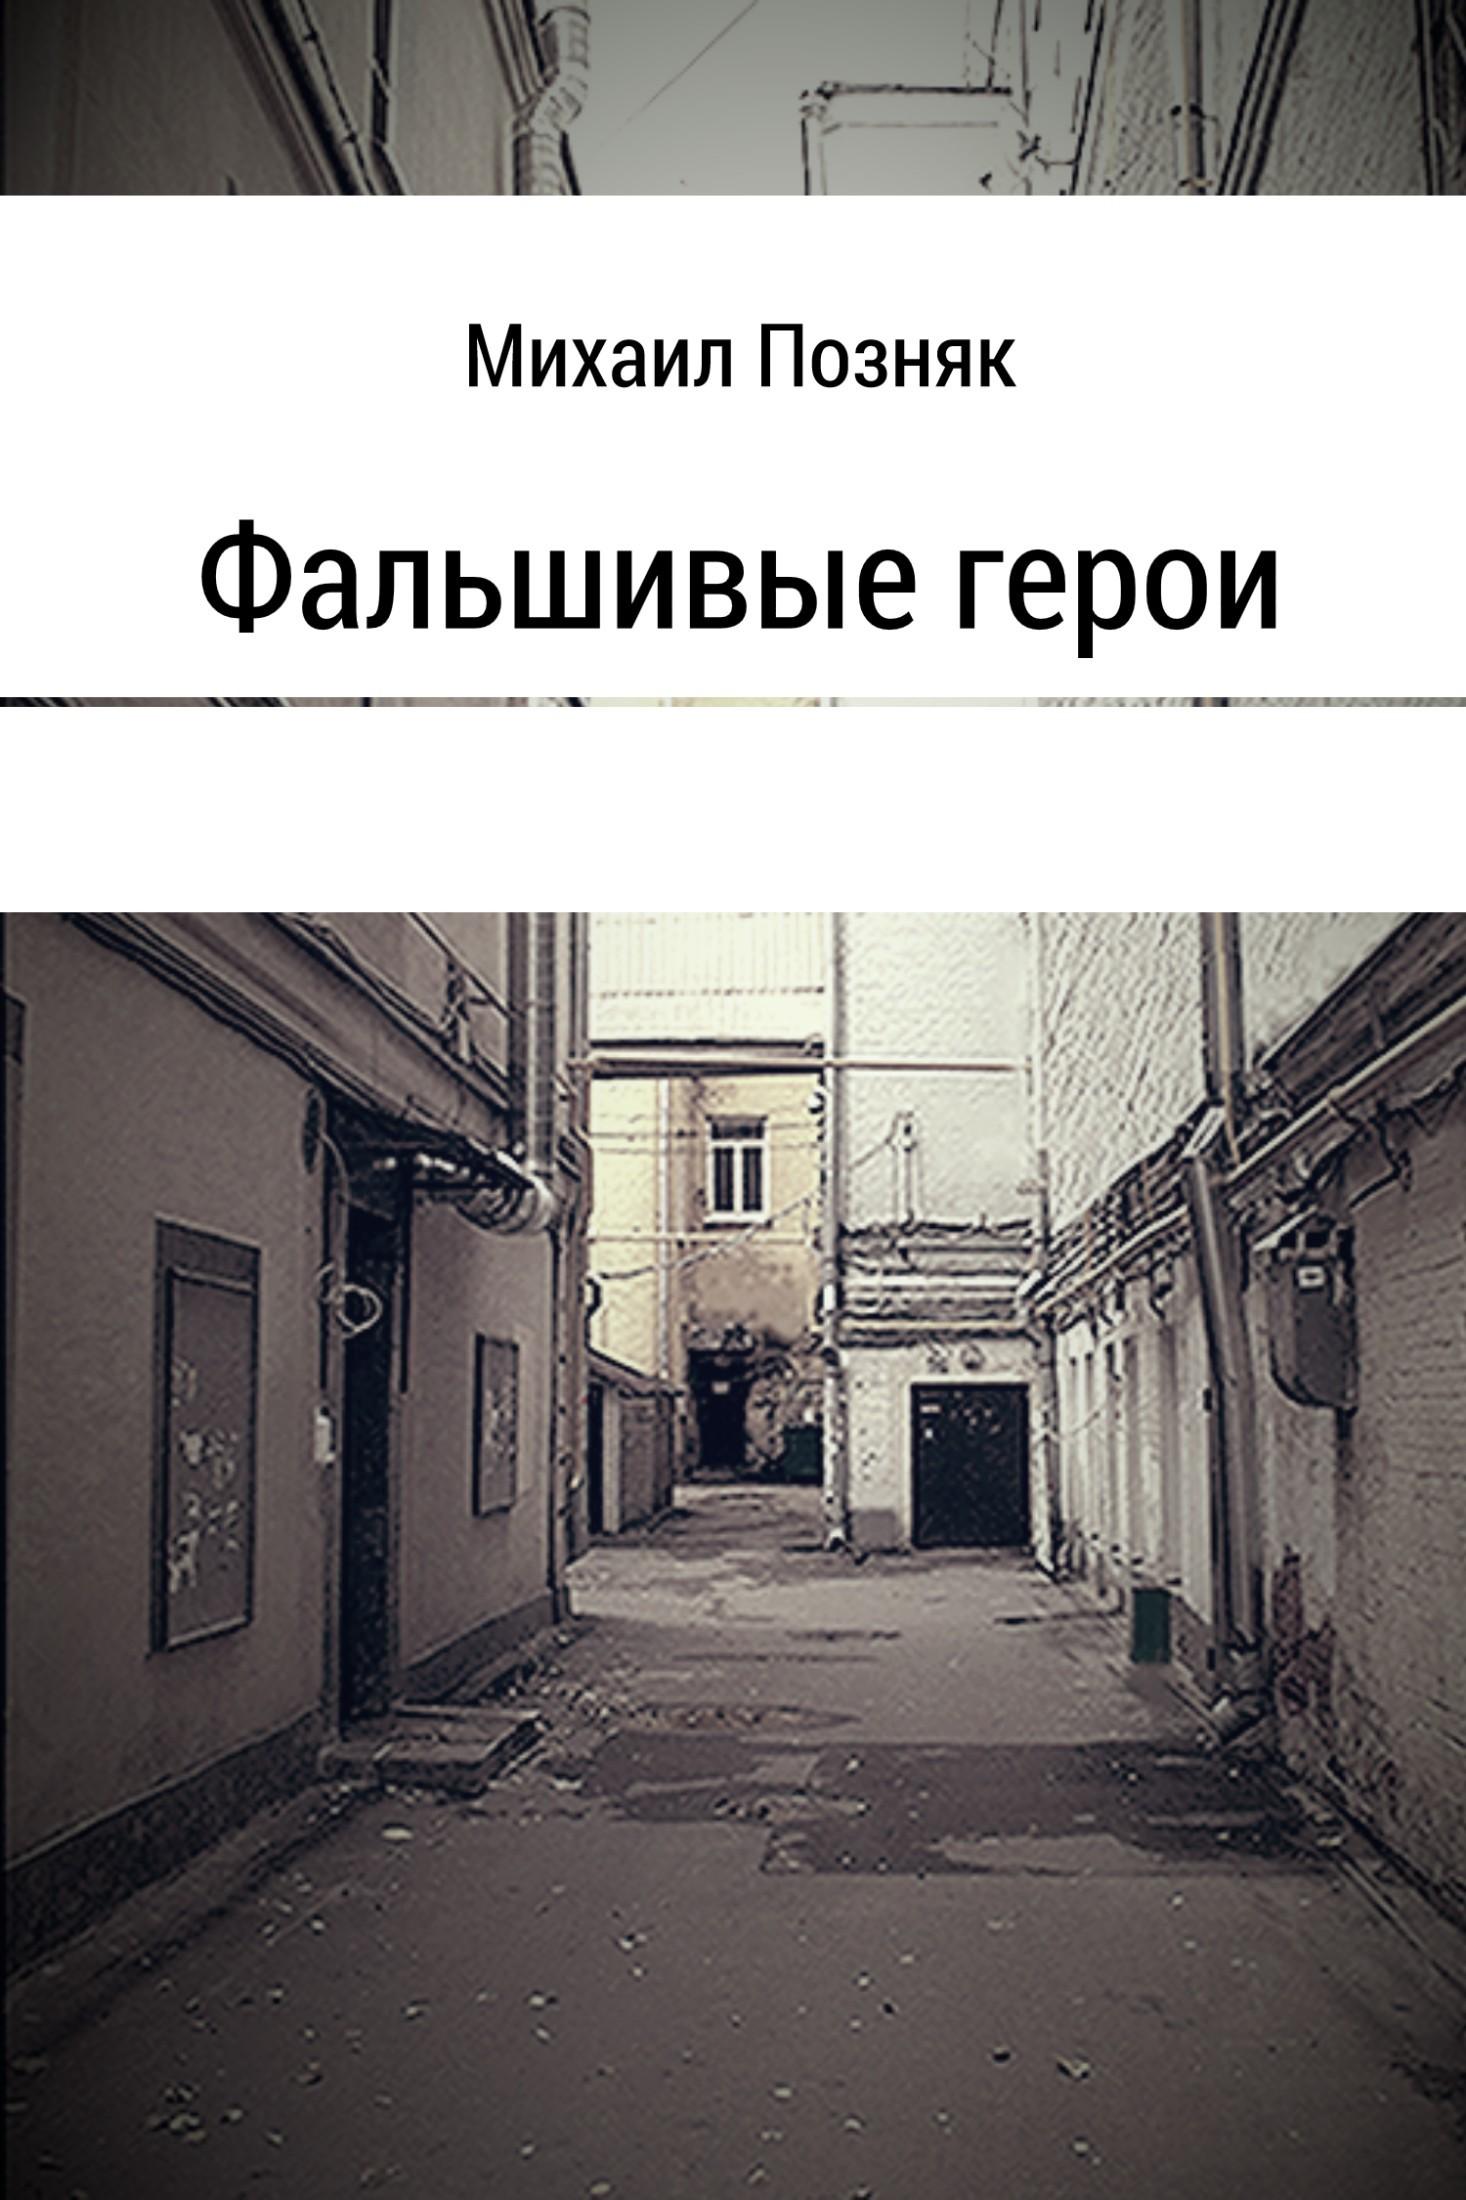 Книга Фальшивые герои